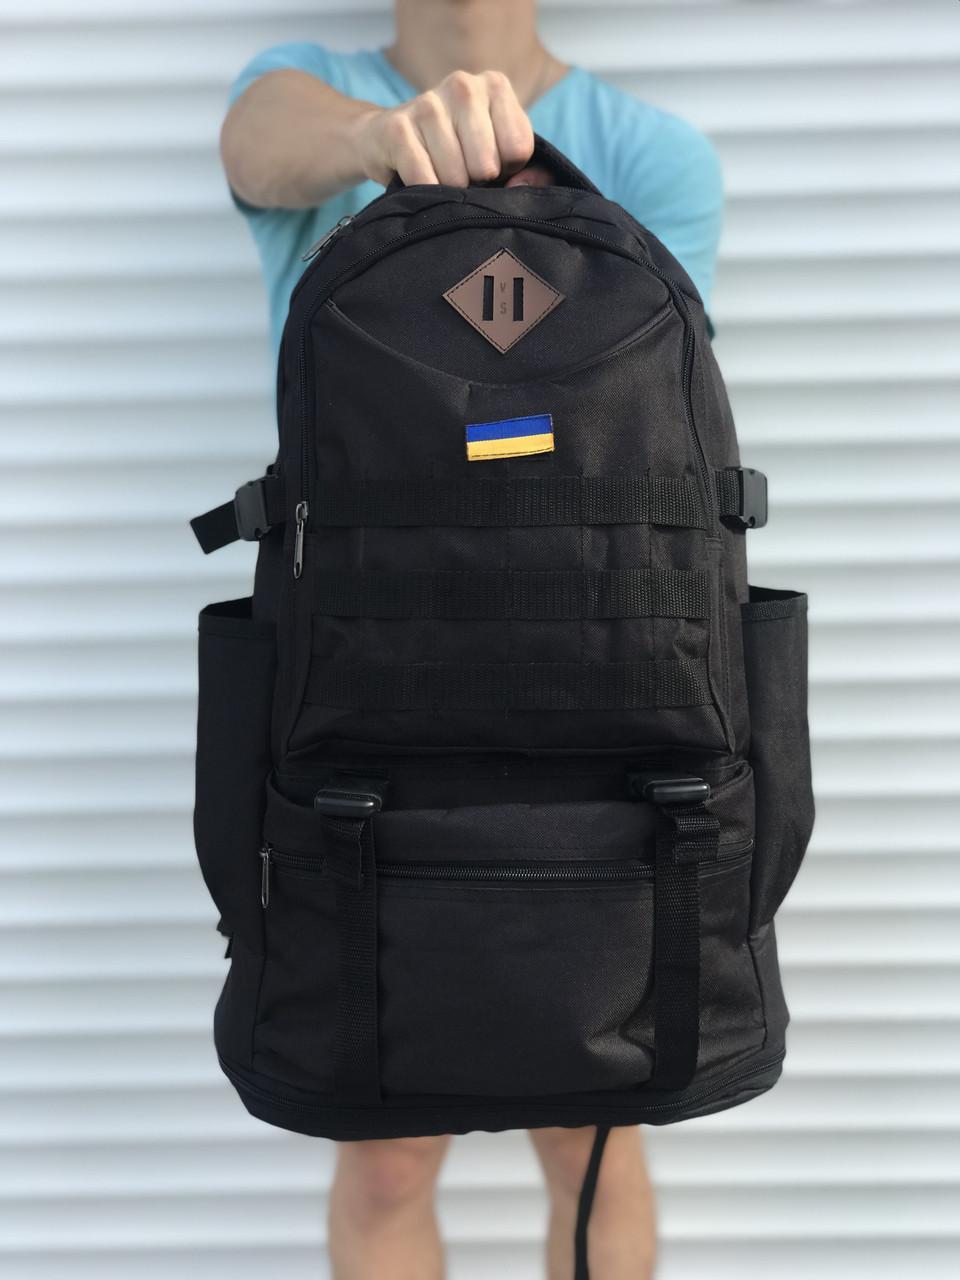 Чорний чоловічий рюкзак з розсувним дном, 40л + 5л